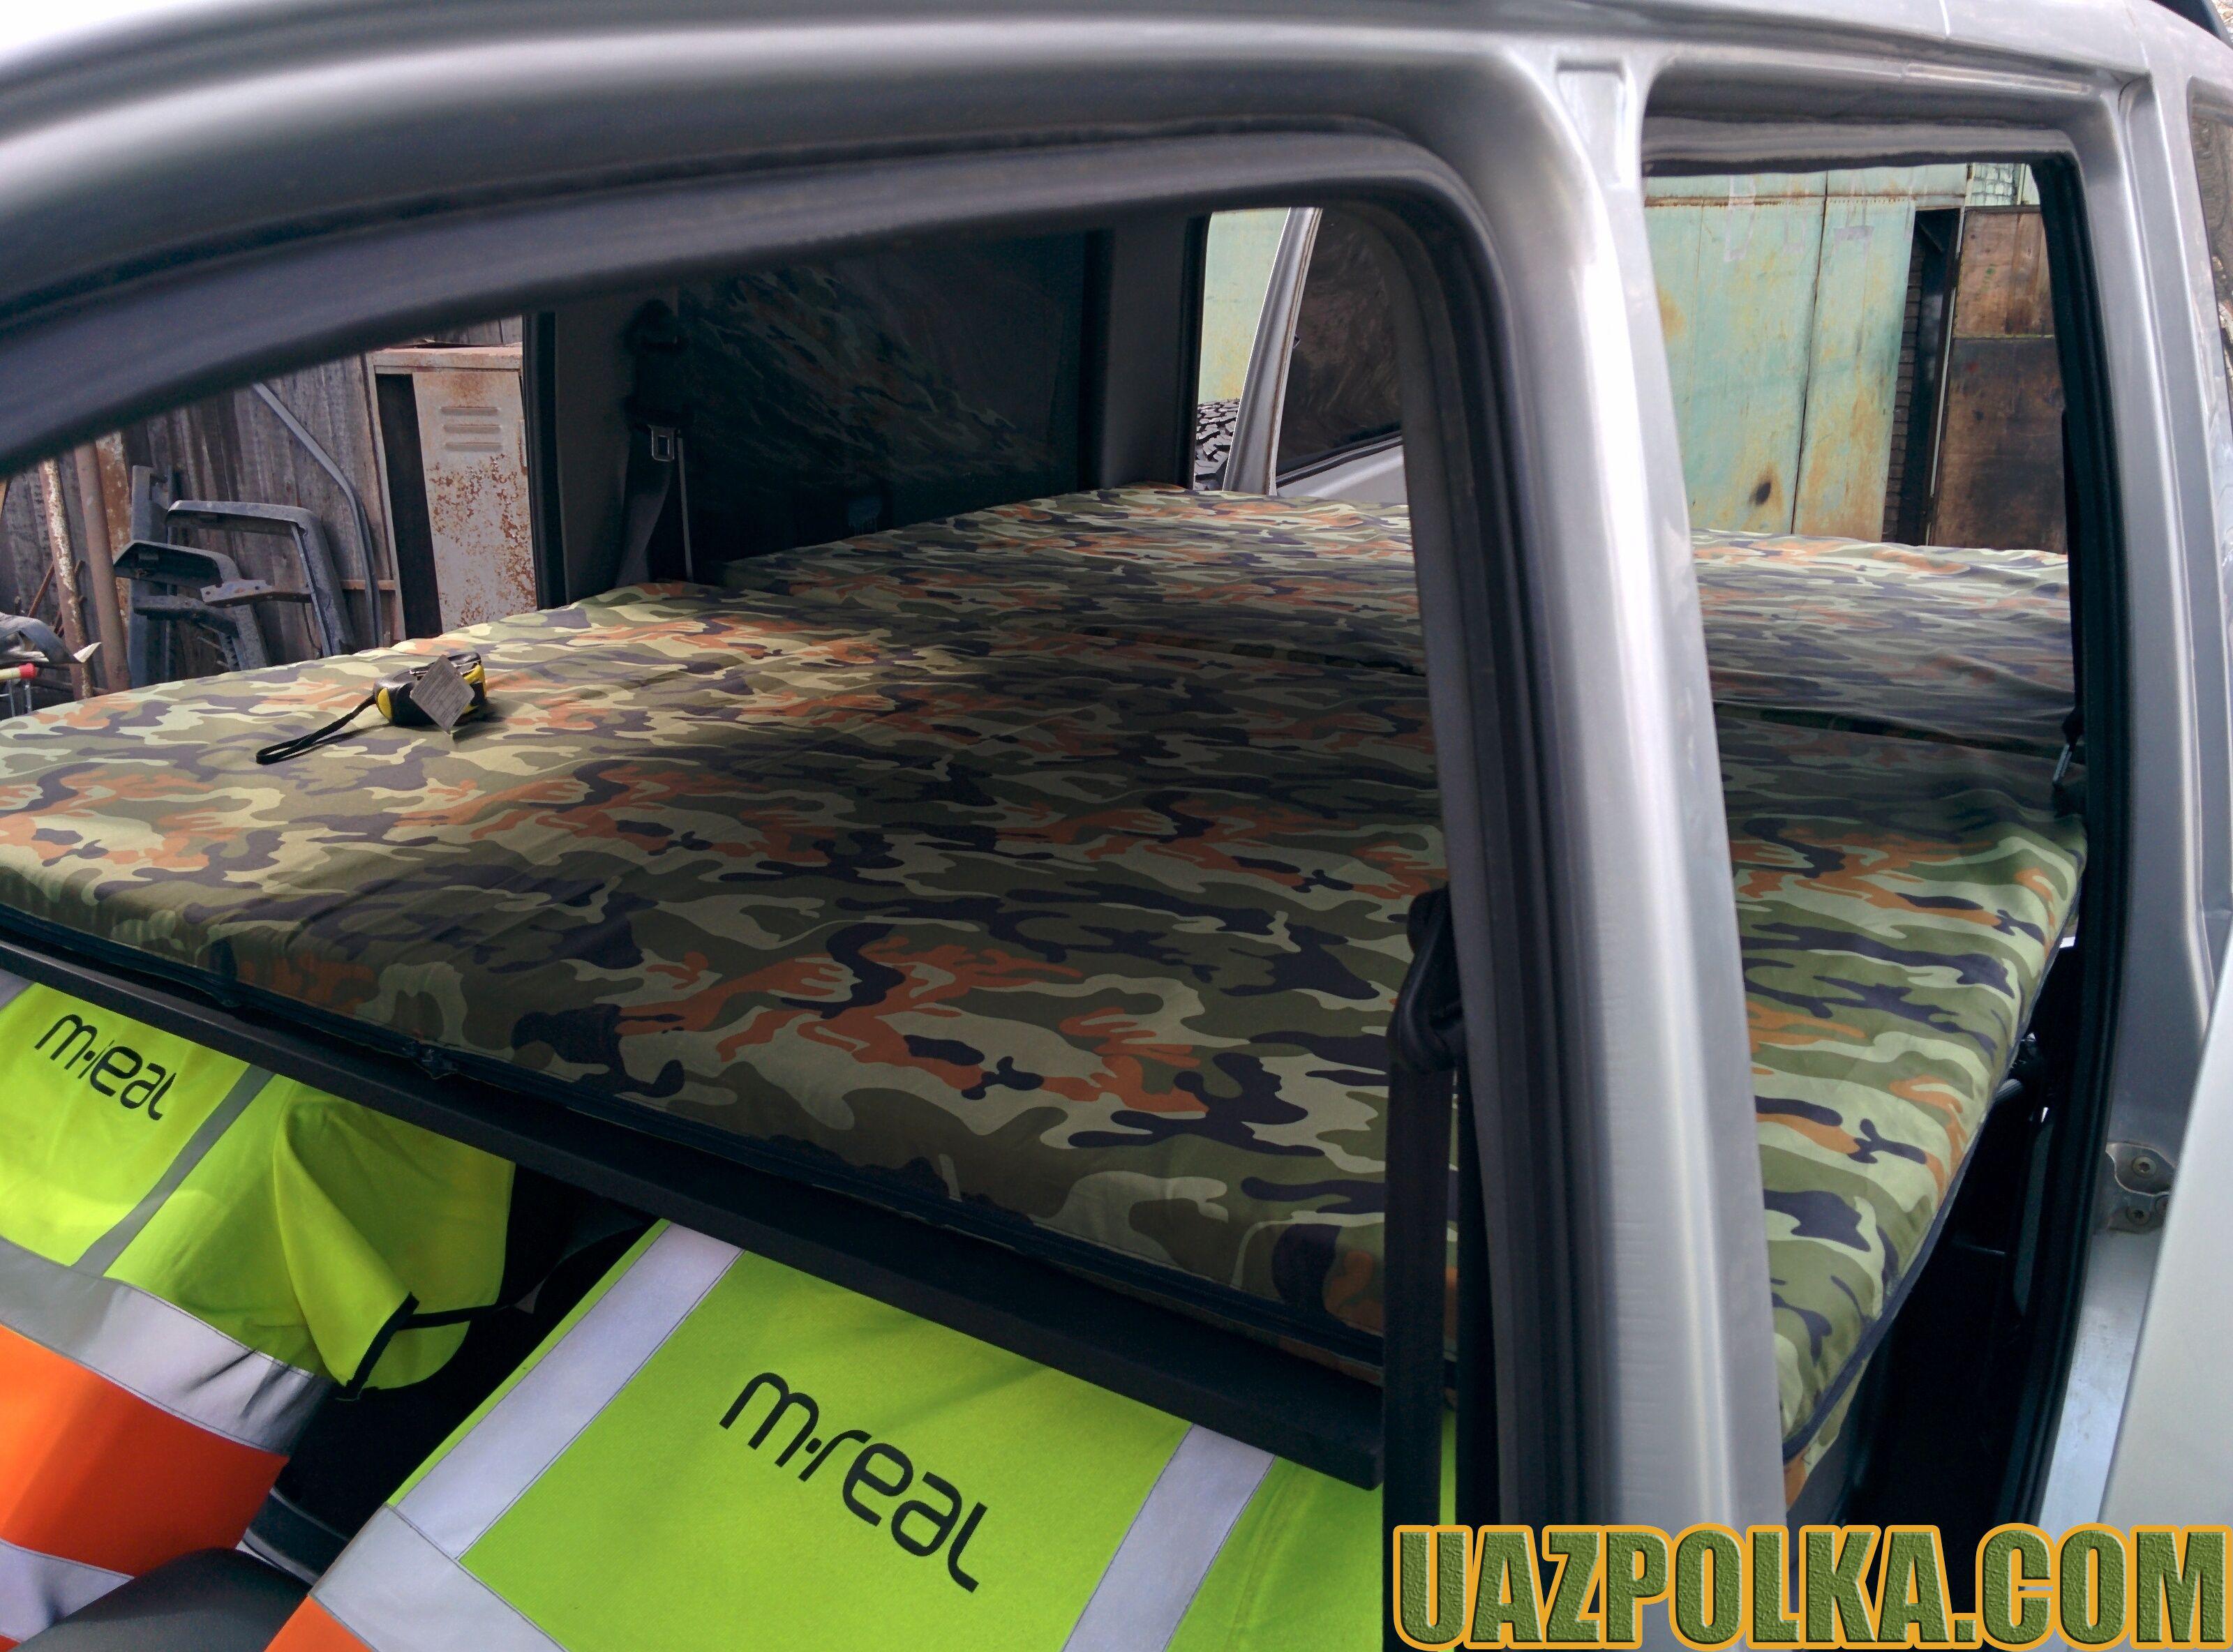 Полка Эконом New с лежанкой на ящиках стороннего производителя_09